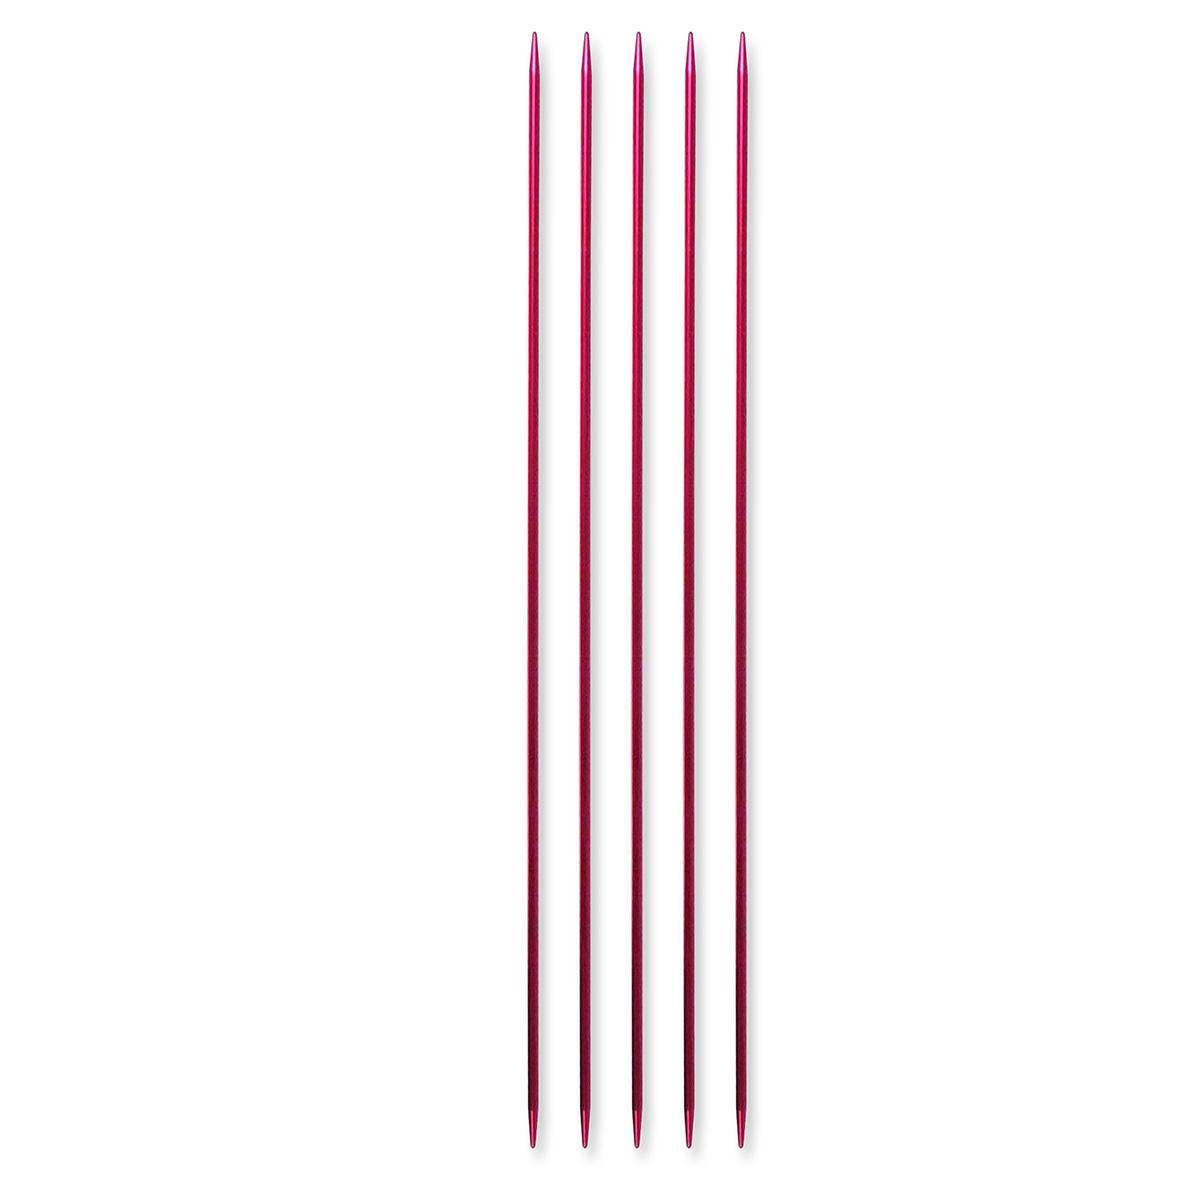 Billede af Pony strømpepinde - Nr. 2 - Rød